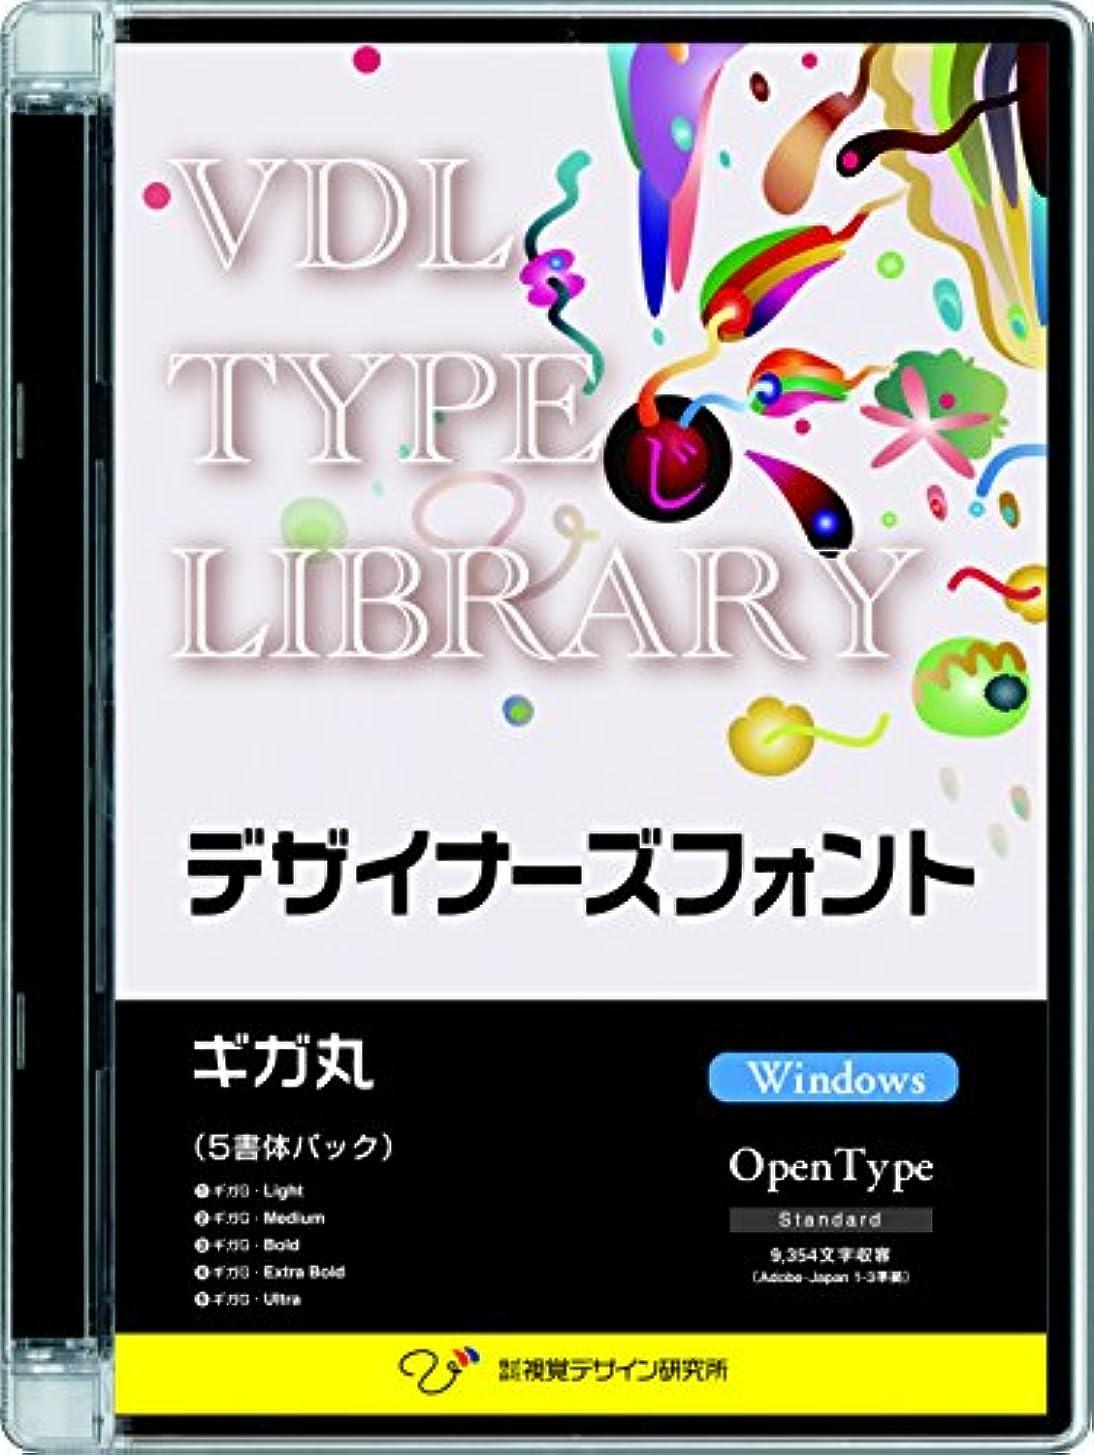 解読する祭り醜いVDL TYPE LIBRARY デザイナーズフォント OpenType (Standard) Windows ギガ丸 ファミリーパック